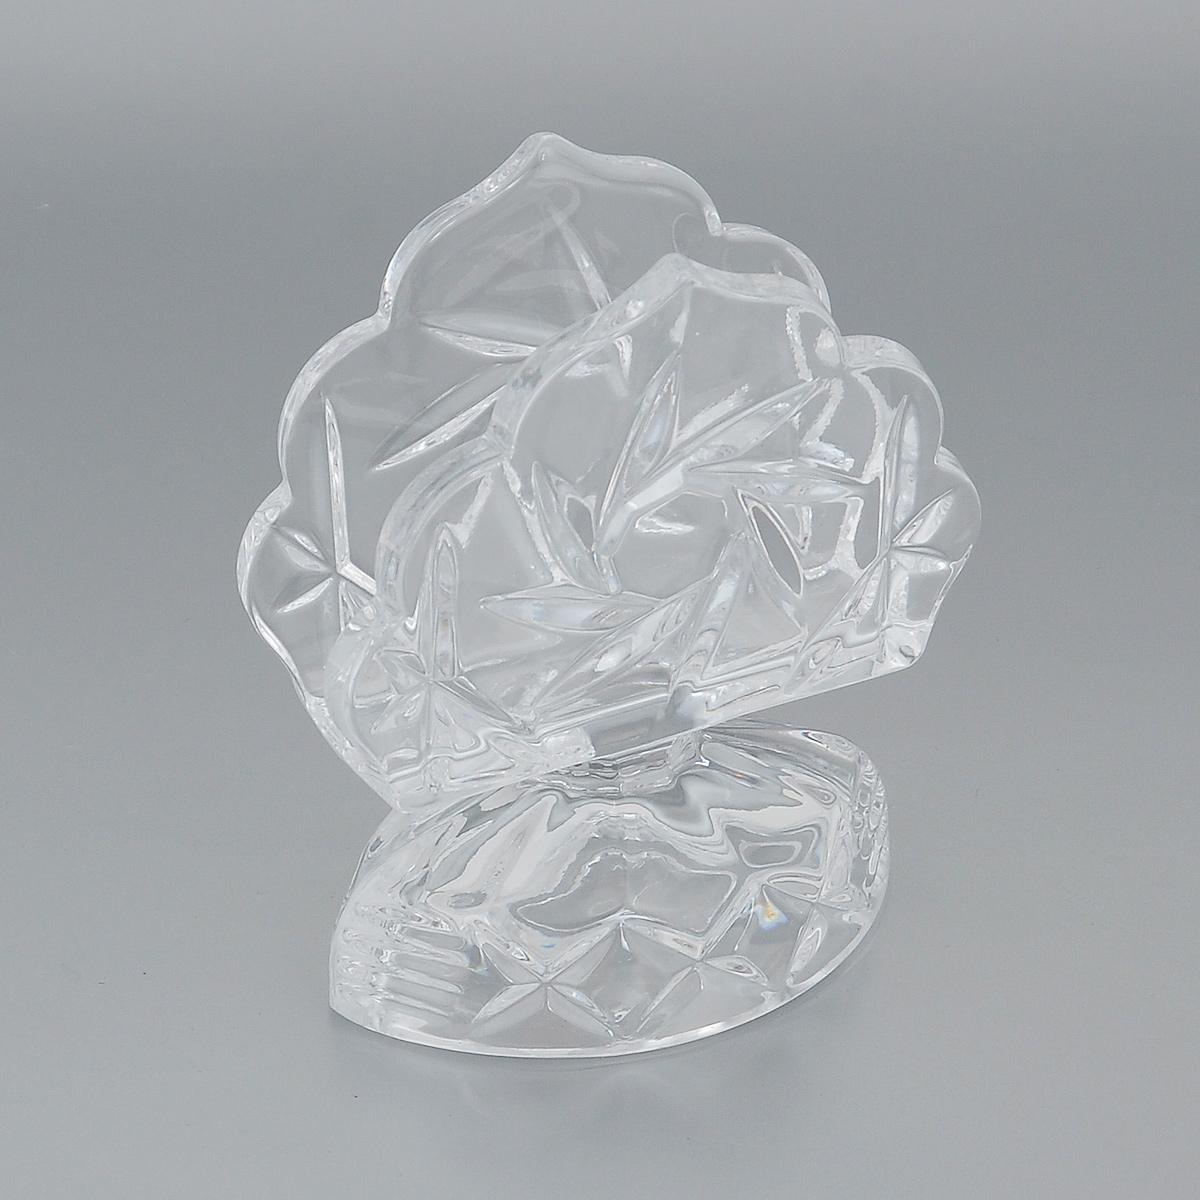 Салфетница Crystal Bohemia, 9,5 х 6 х 12,5 см990/70950/0/00600/130-109Салфетница Crystal Bohemia изготовлена из высококачественного хрусталя и декорирована рельефом. Она сочетает в себе изысканный дизайн и лаконичность и прекрасно подойдет для декора интерьера дома. Кроме того - это отличный вариант подарка для ваших близких и друзей.